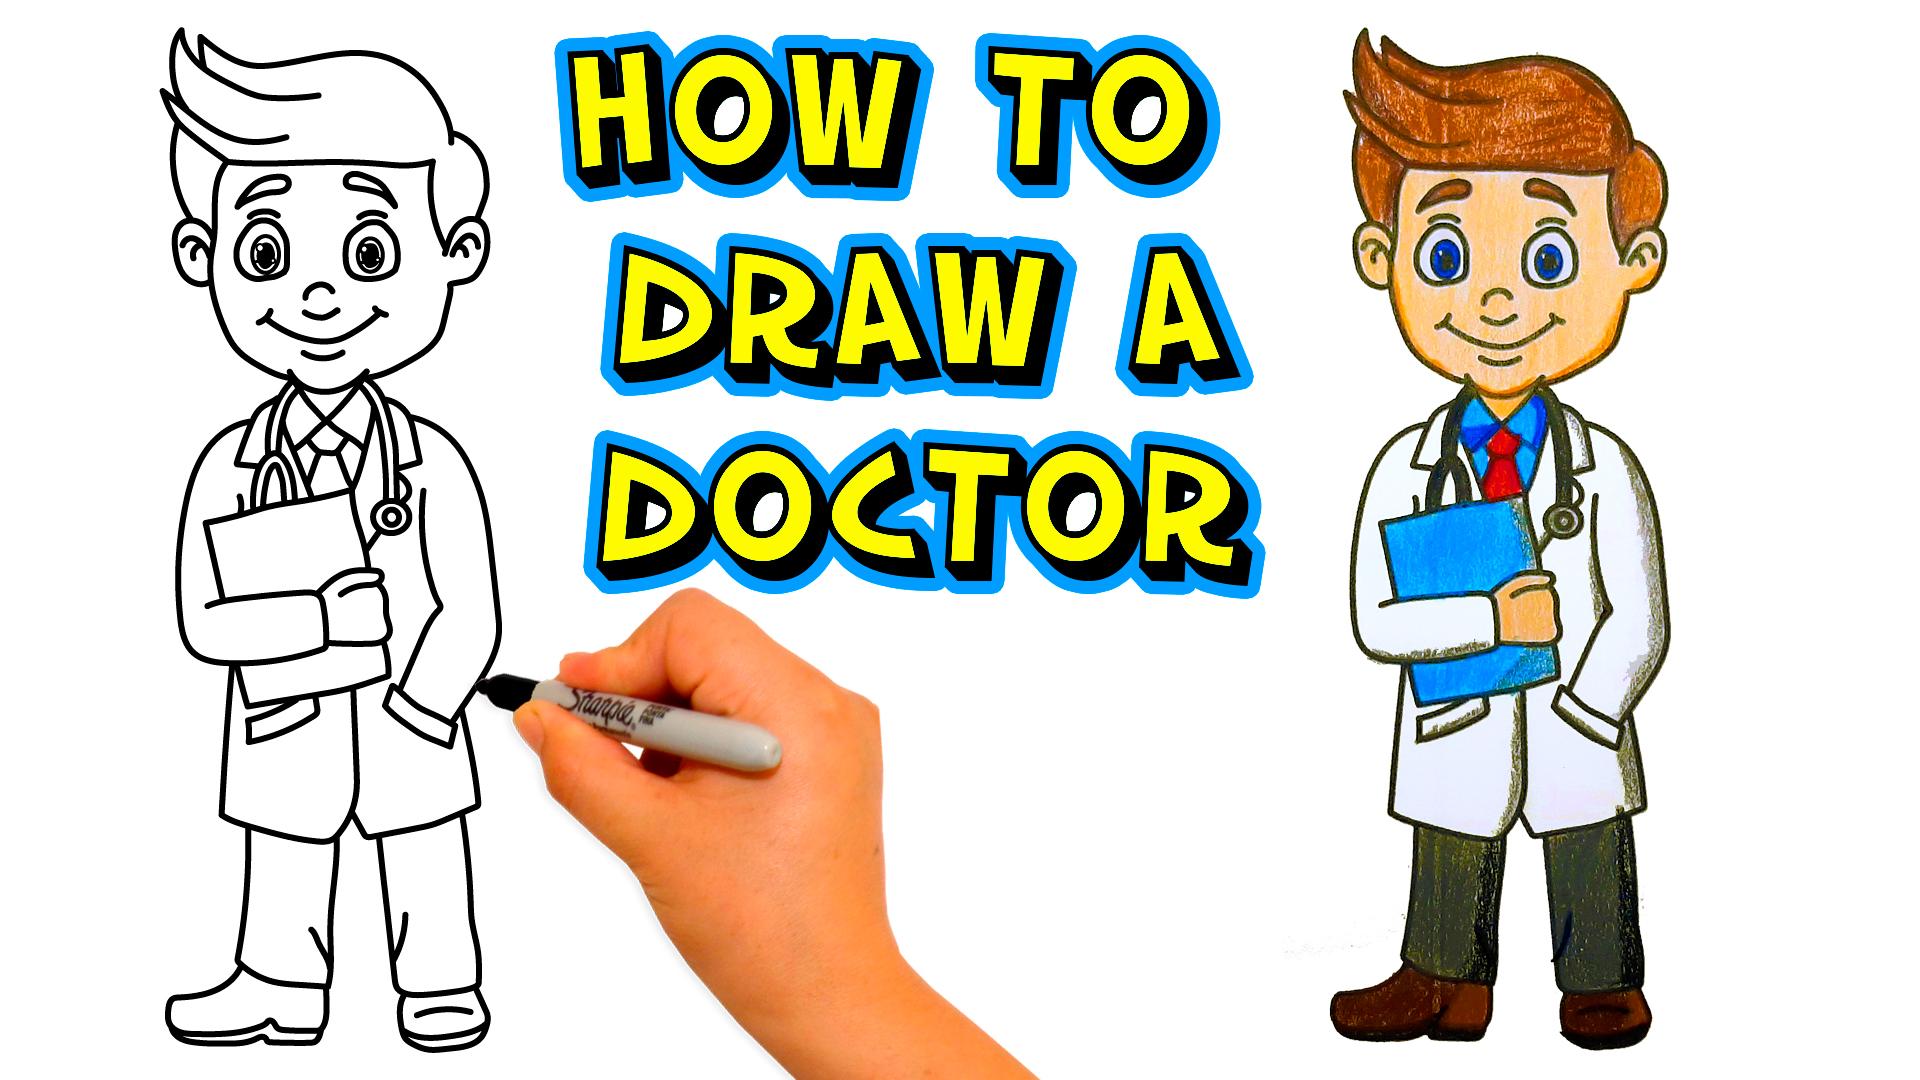 how-to-draw-a-doctor-como-dibujar-un-medico-paso-a-paso